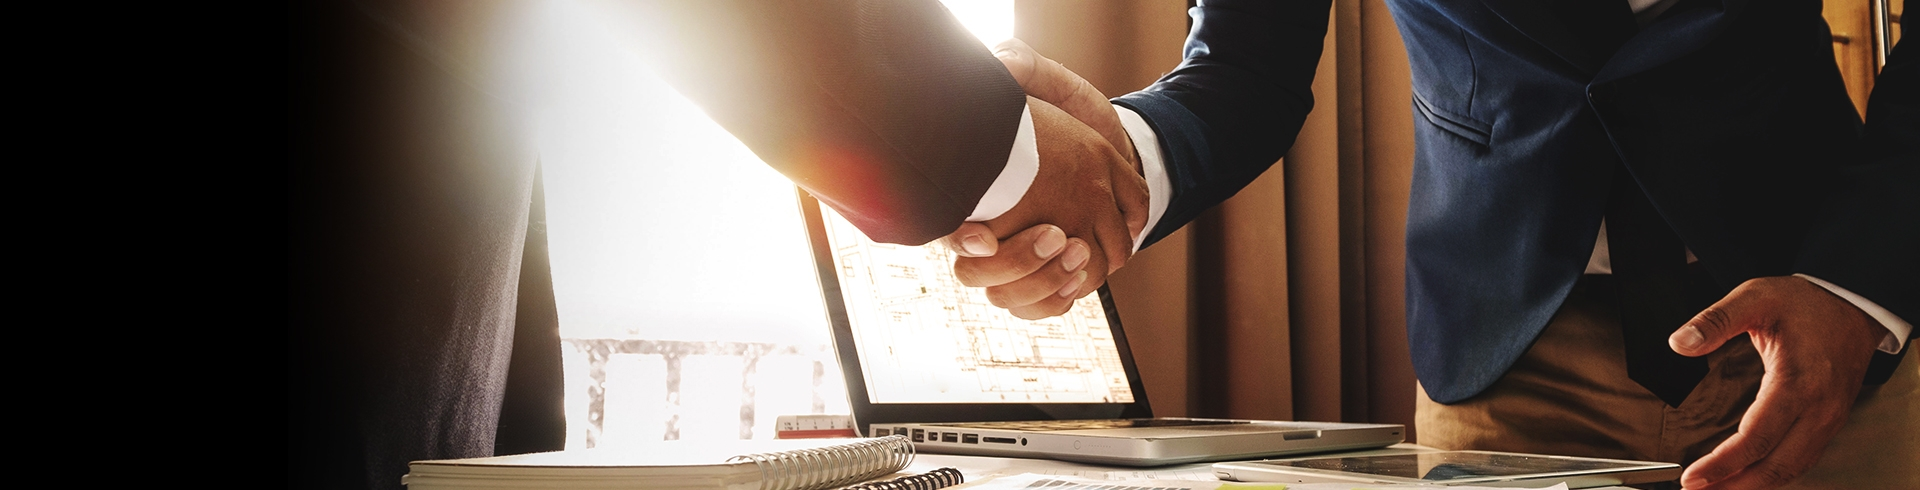 คอร์สเรียนออนไลน์ หมวด Business & Entrepreneurial เริ่ม ต้น ธุรกิจ การ เริ่ม ต้น ทํา ธุรกิจ